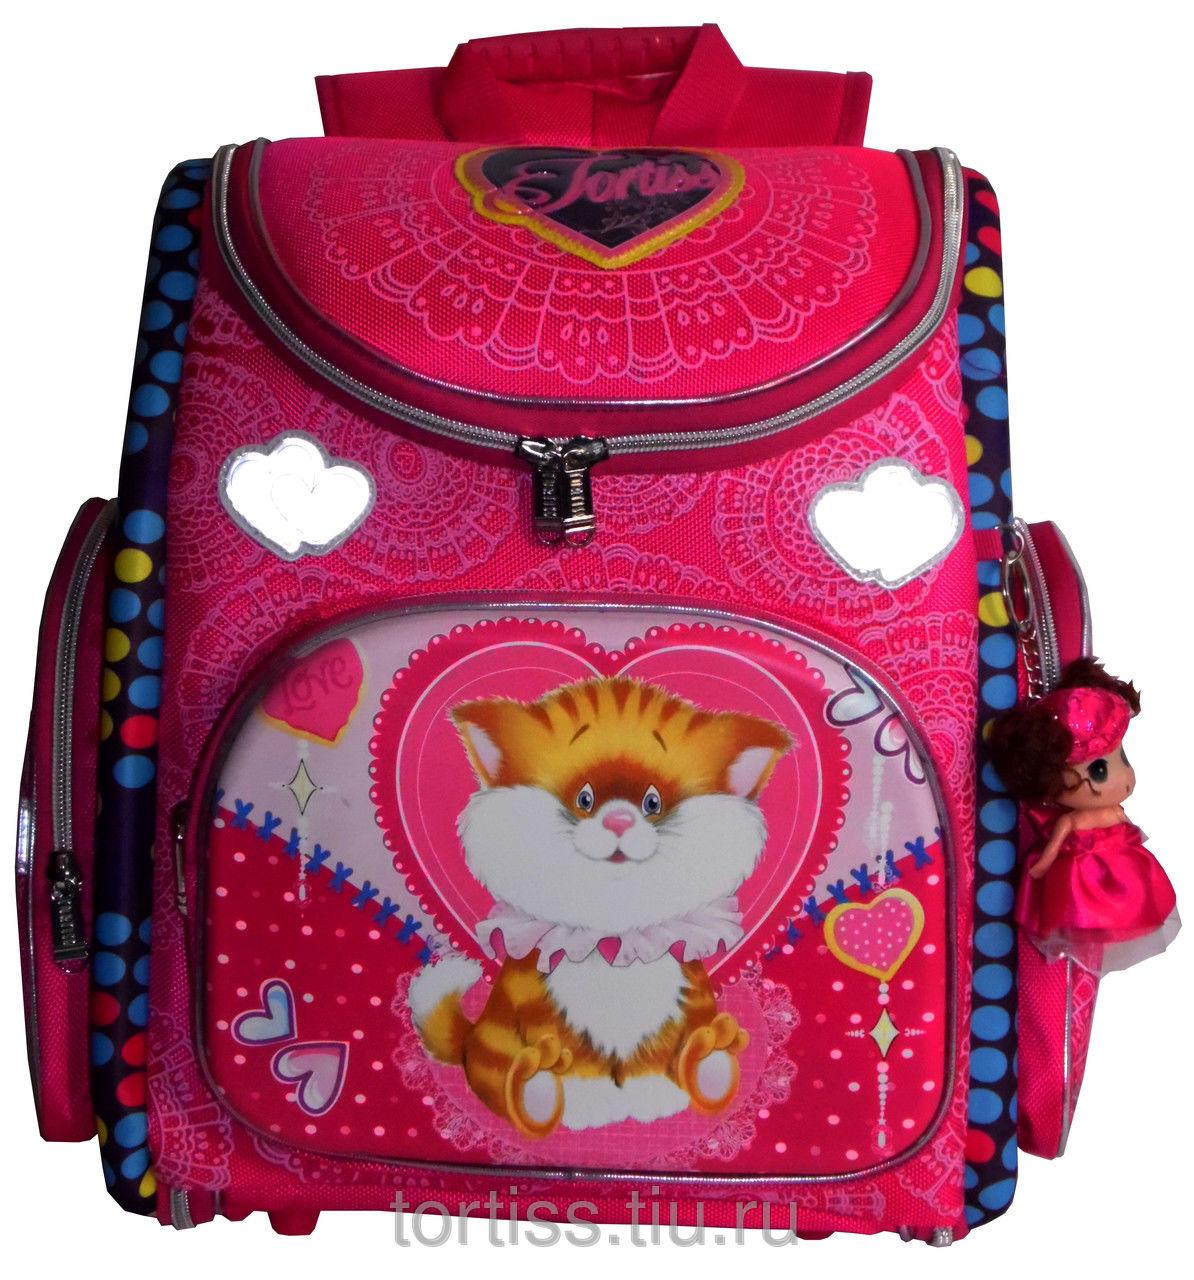 Сбор заказов. Школьные ранцы и рюкзаки на любой вкус и цвет по очень низким ценам. Есть большая распродажа предыдущей коллекции. И новинки 2016 года.